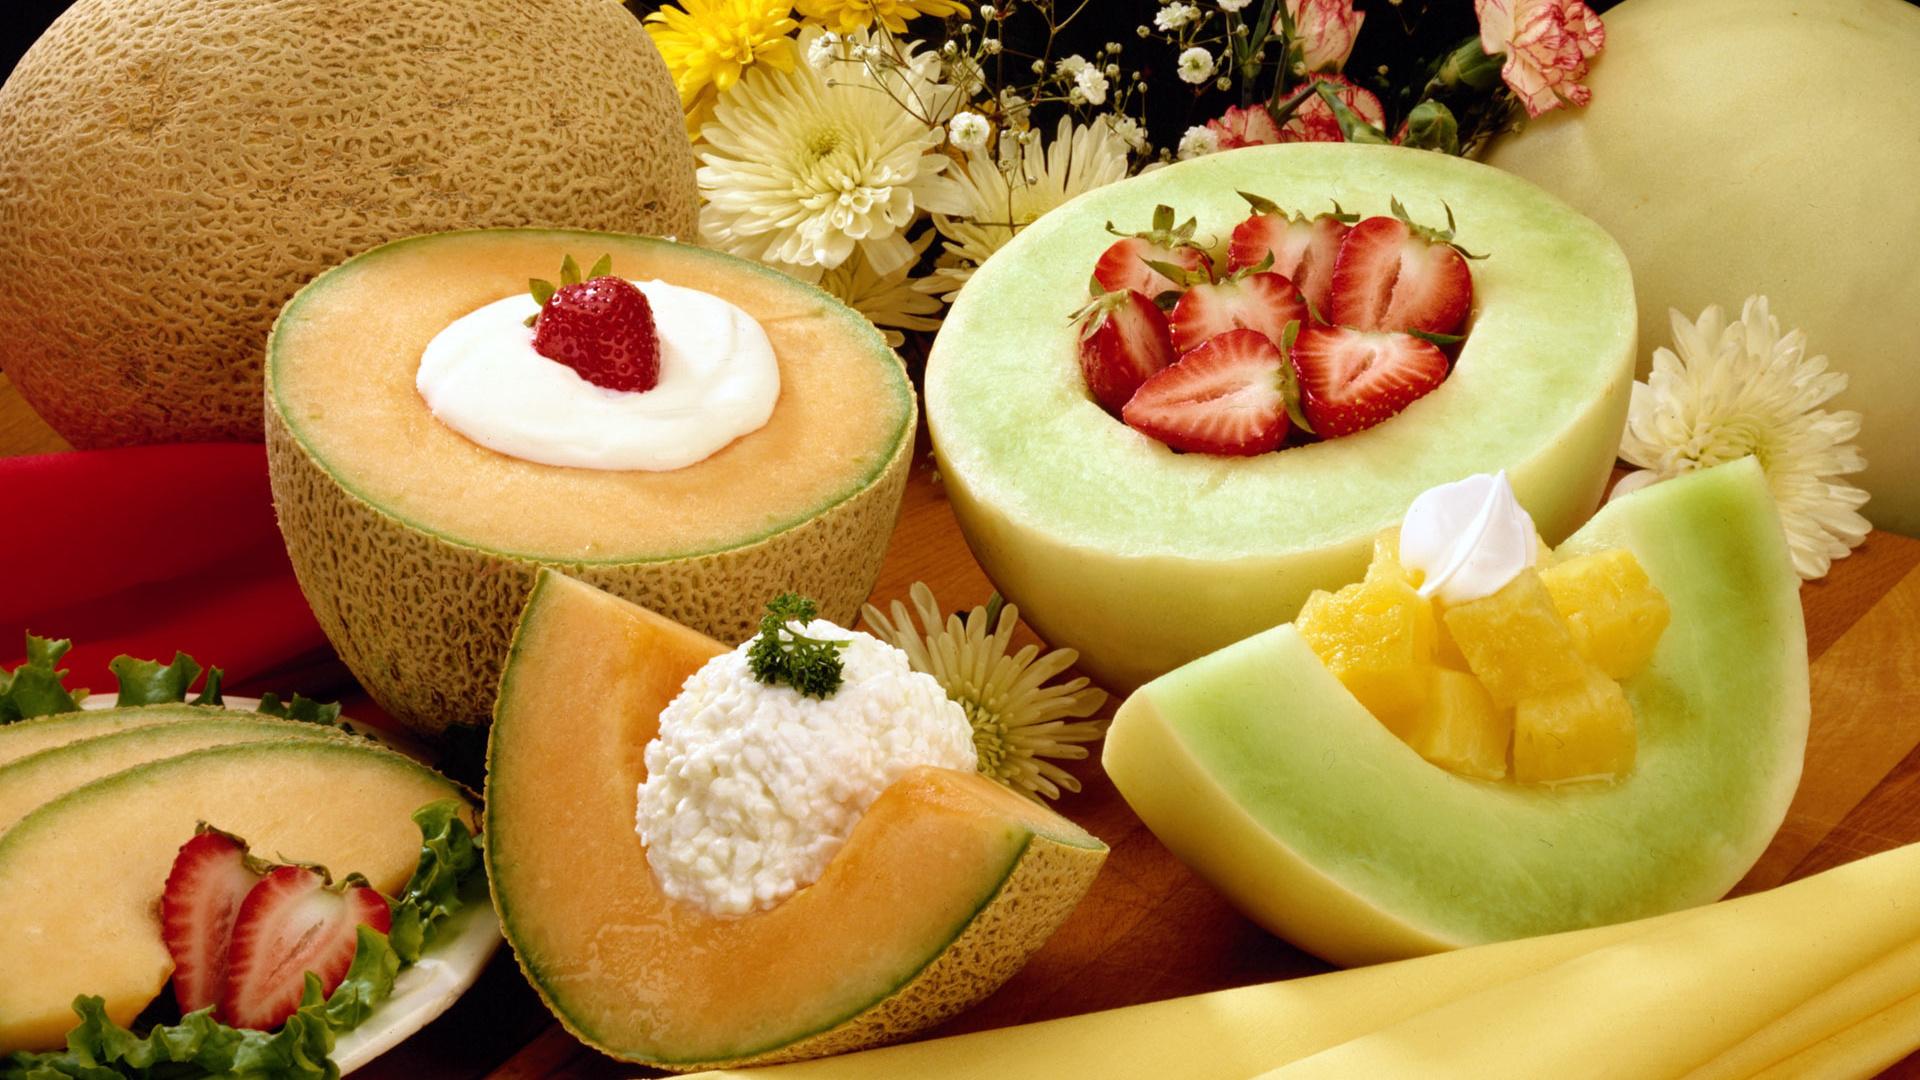 картинка на рабочий стол экзотические фрукты его можно завтраку